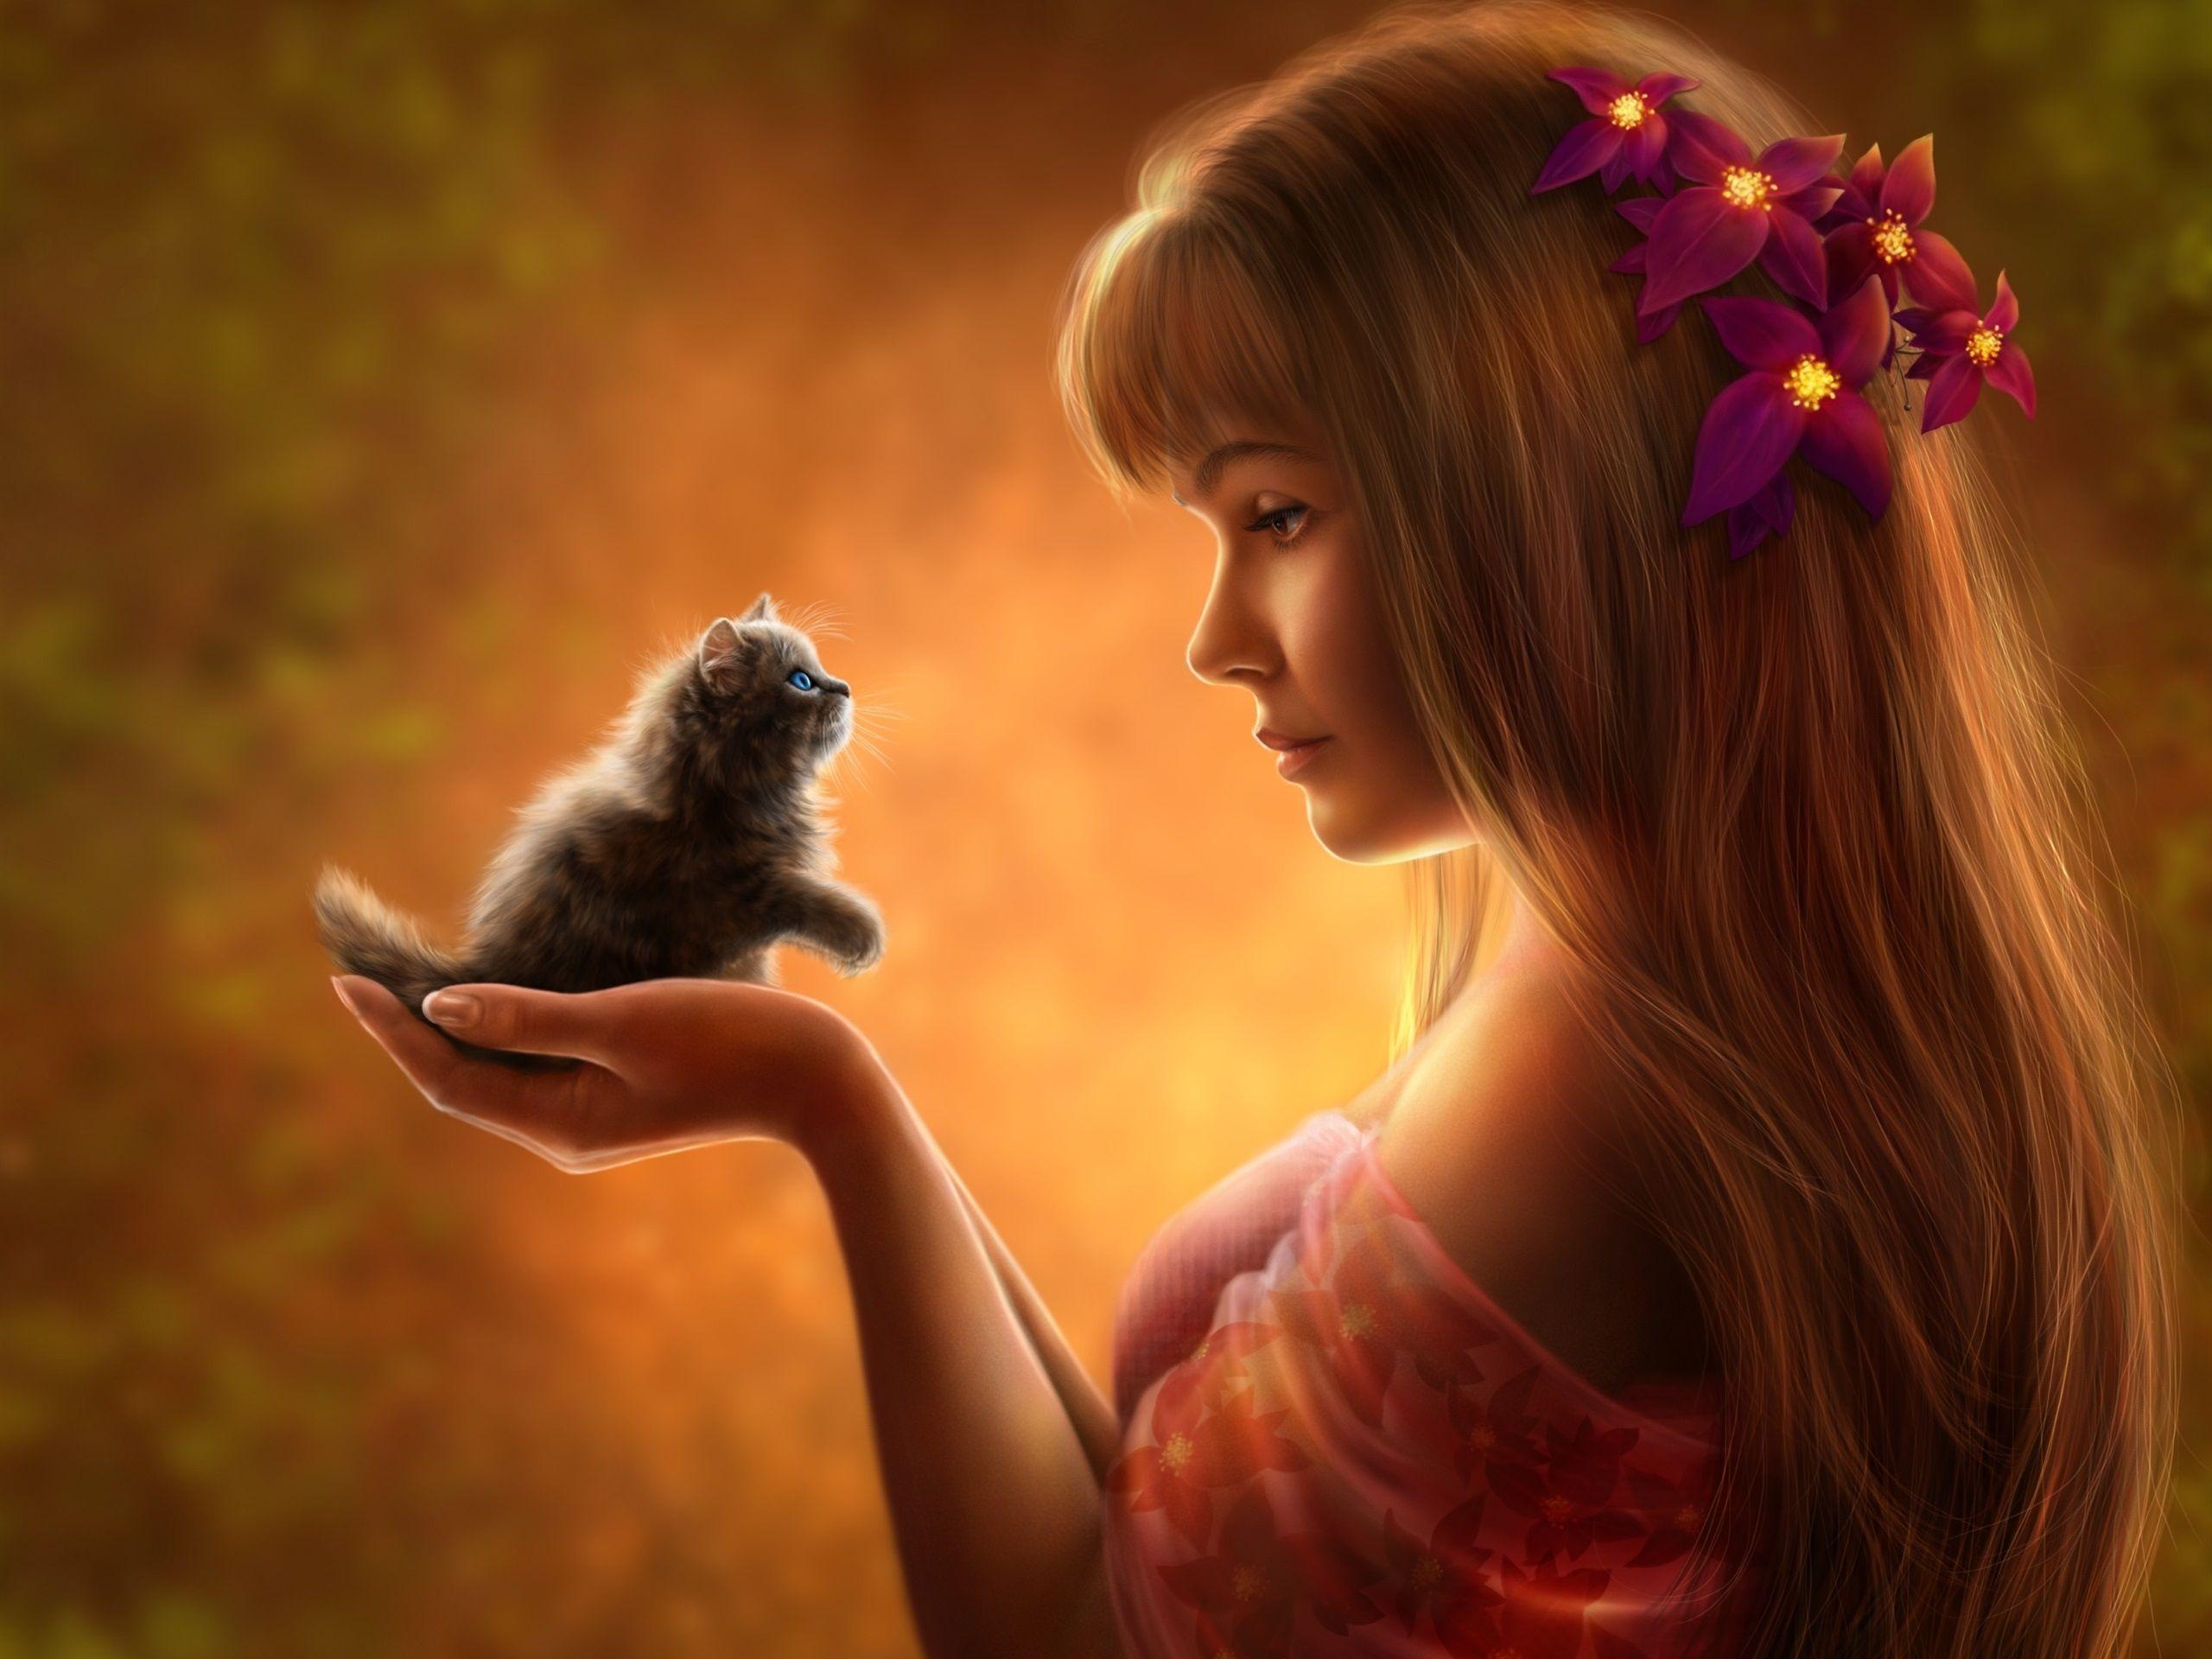 Hermosa chica de fantasía con el gatito Fondos de pantalla - 2560x1920